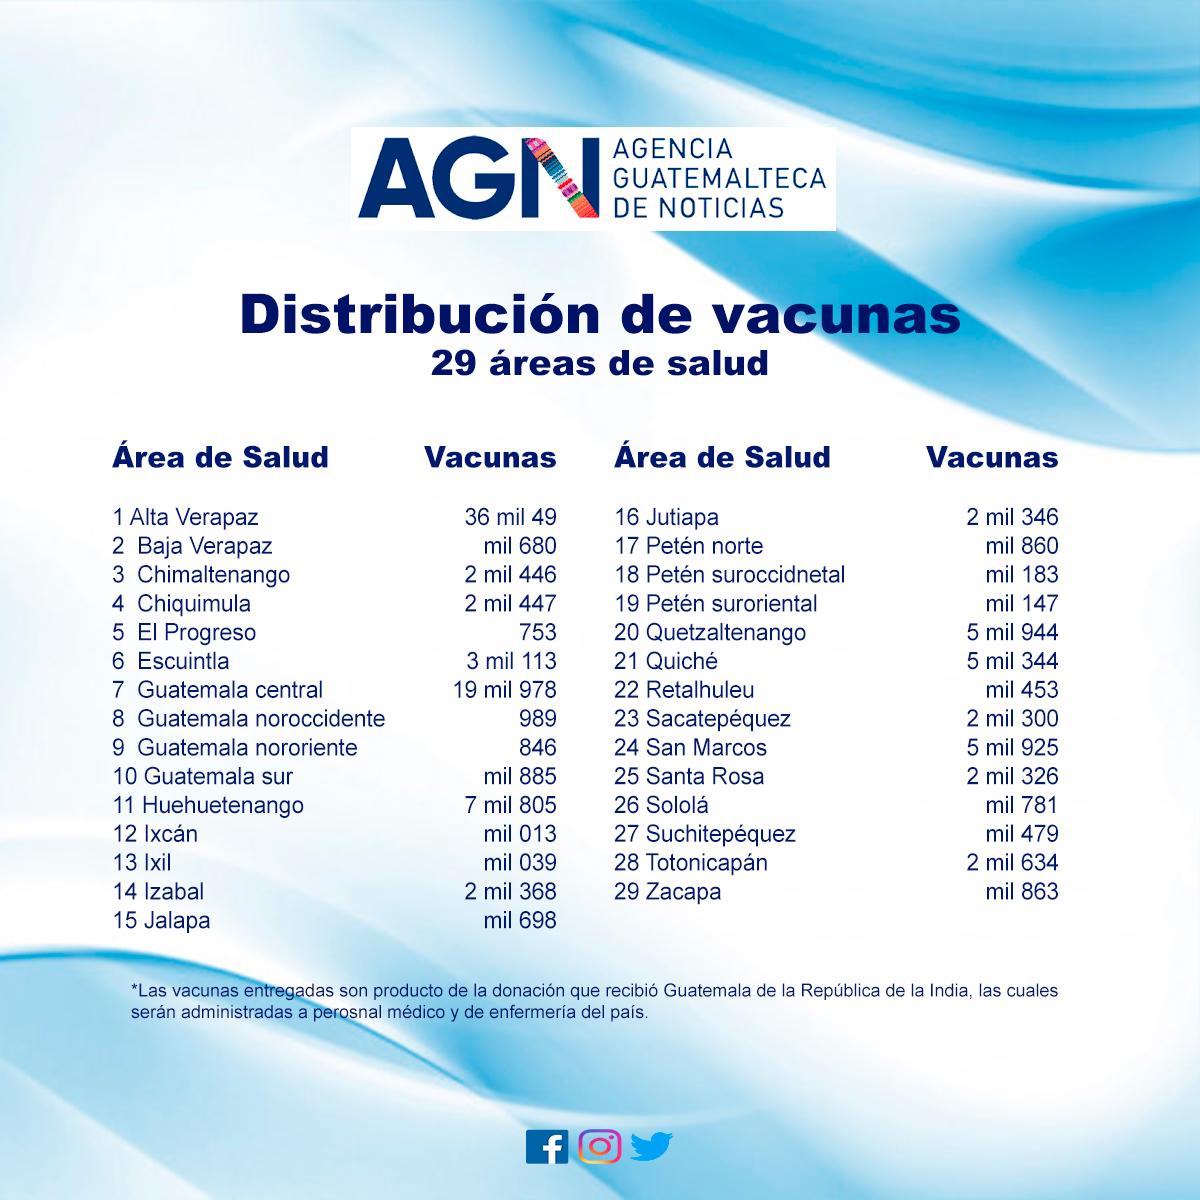 Distribución de vacunas.